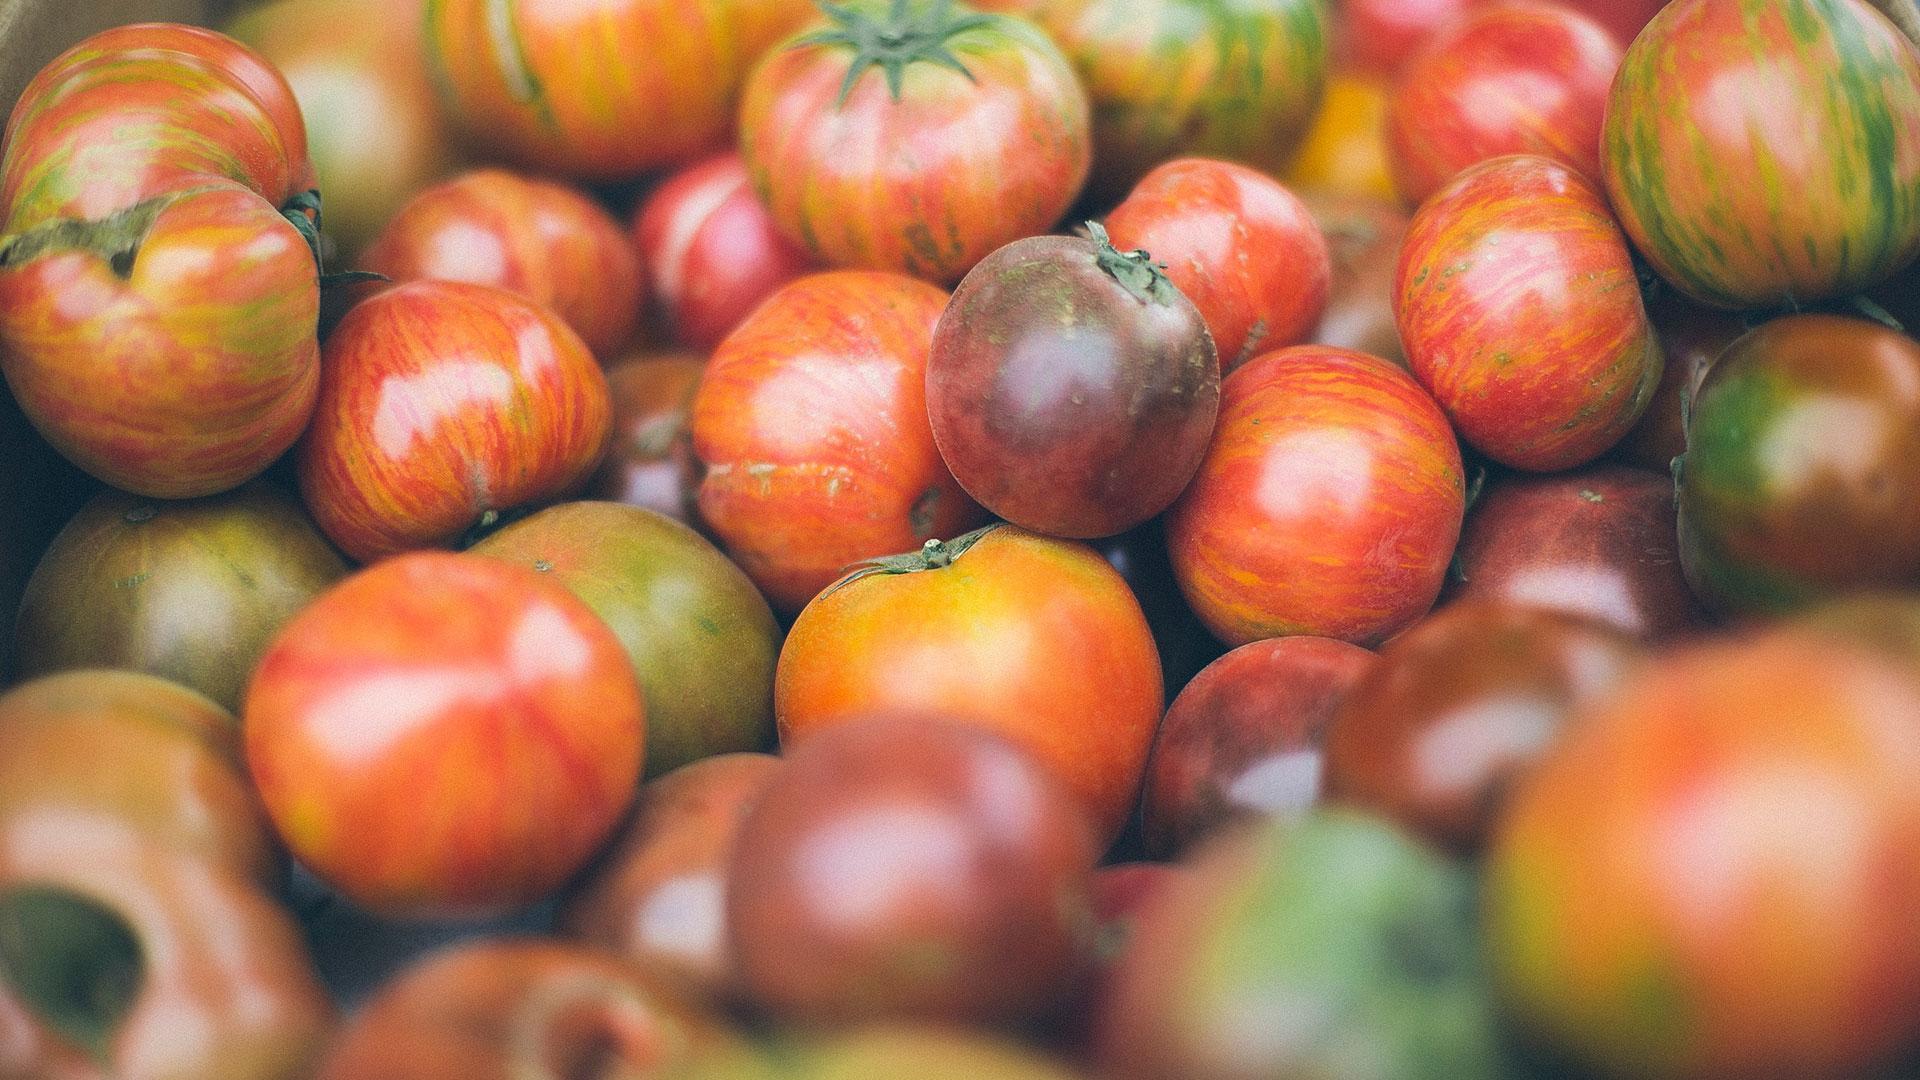 Support local farmers in Colorado